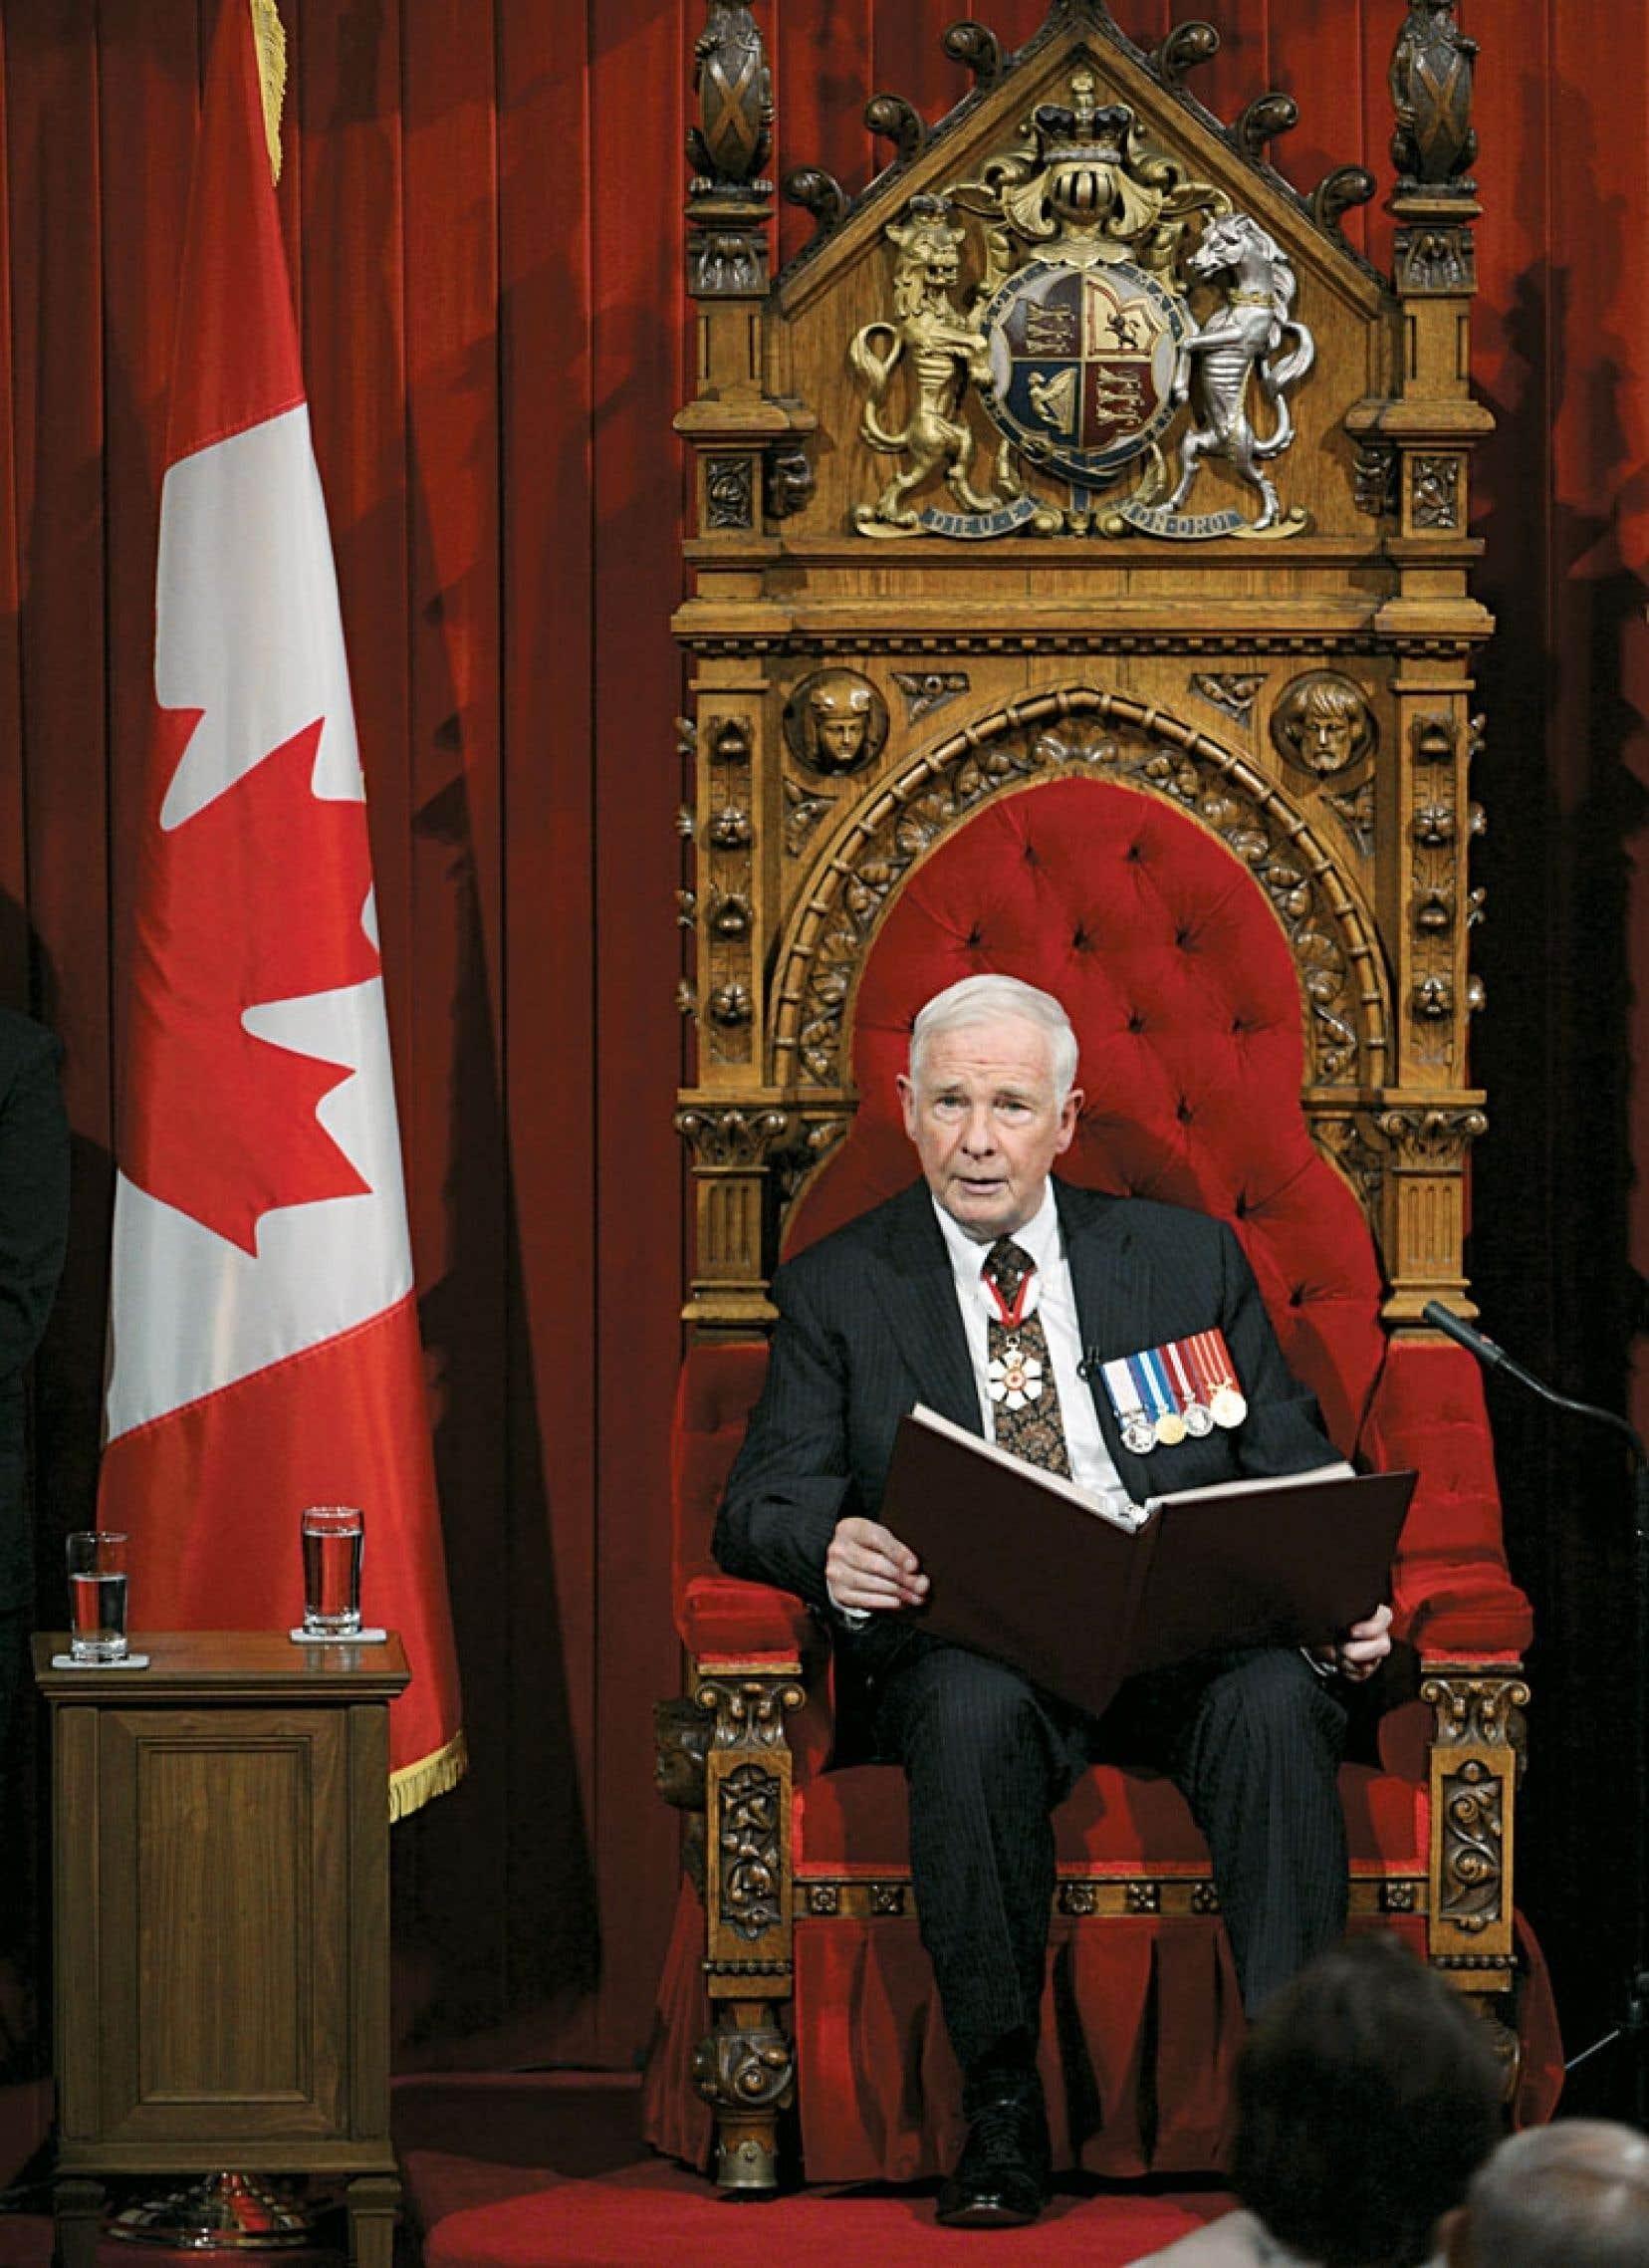 Le gouverneur général David Johnston a livré mercredi au Salon rouge le septième discours du Trône du gouvernement Harper. La lecture a débuté par une minute de silence à la mémoire des victimes de Lac-Mégantic, mais le discours contenait peu de détails sur les mesures qu'Ottawa entend prendre pour resserrer la sécurité ferroviaire.